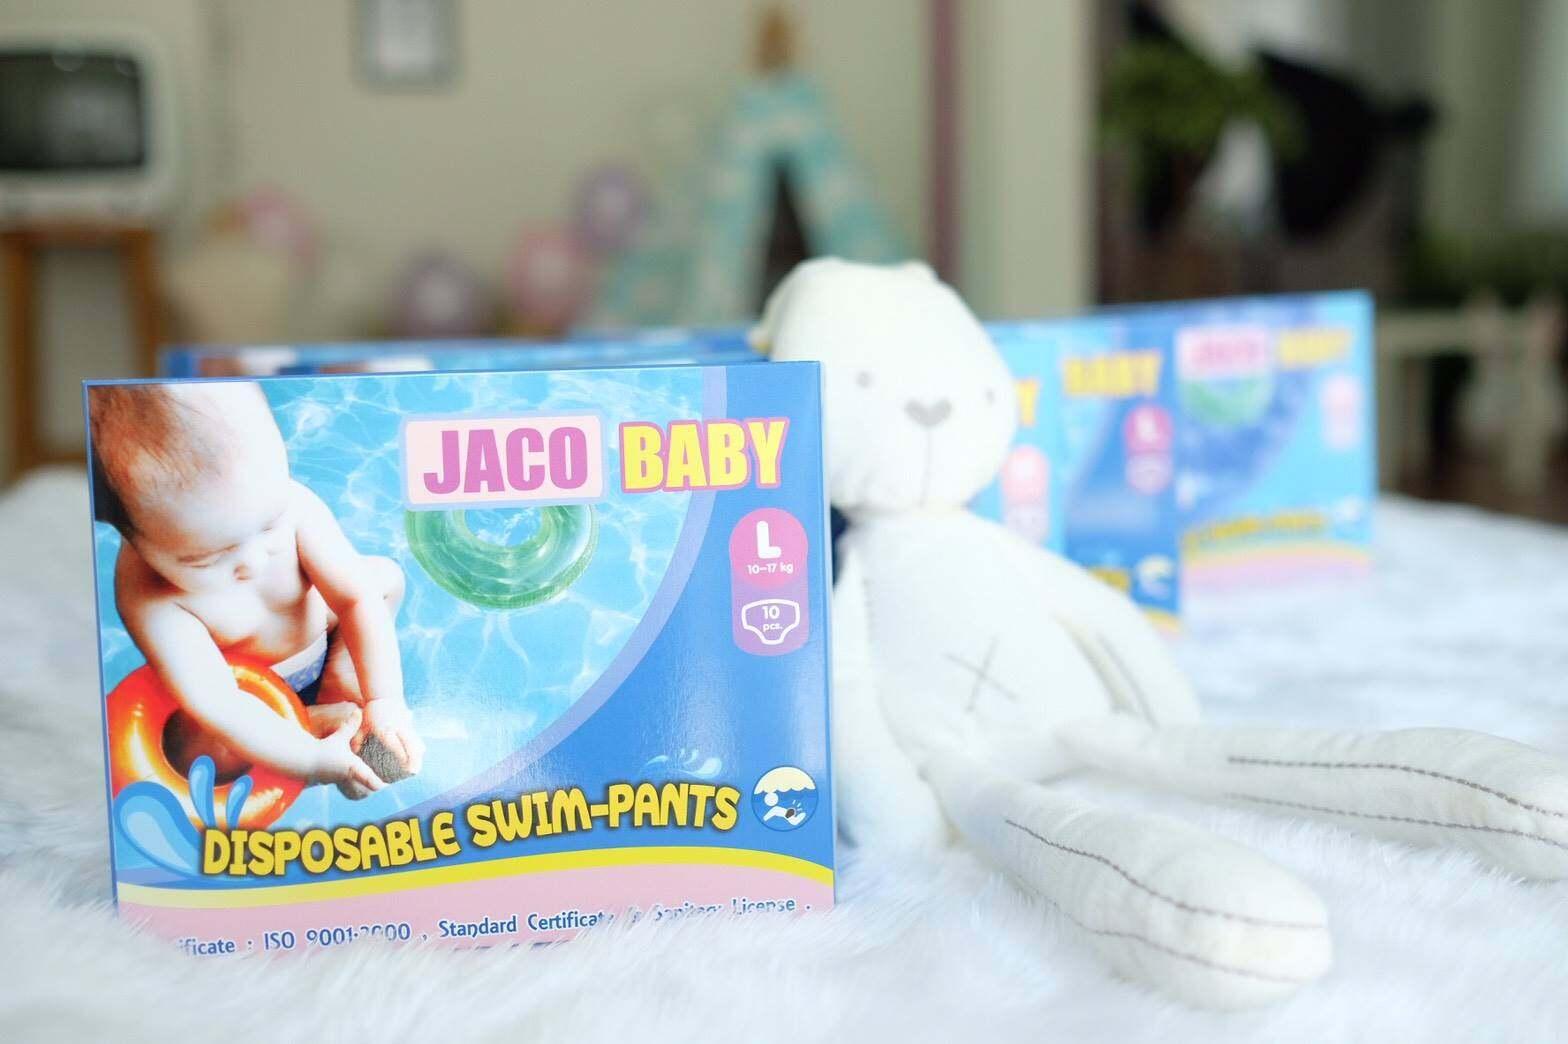 โปรโมชั่น Jaco Baby แพมเพิสว่ายน้ำ กางเกงแบบ pants กันอึ กันฉี่ แพมเพิส กันน้ำ แพมเพิสเด็ก สำหรับใส่ว่ายน้ำ